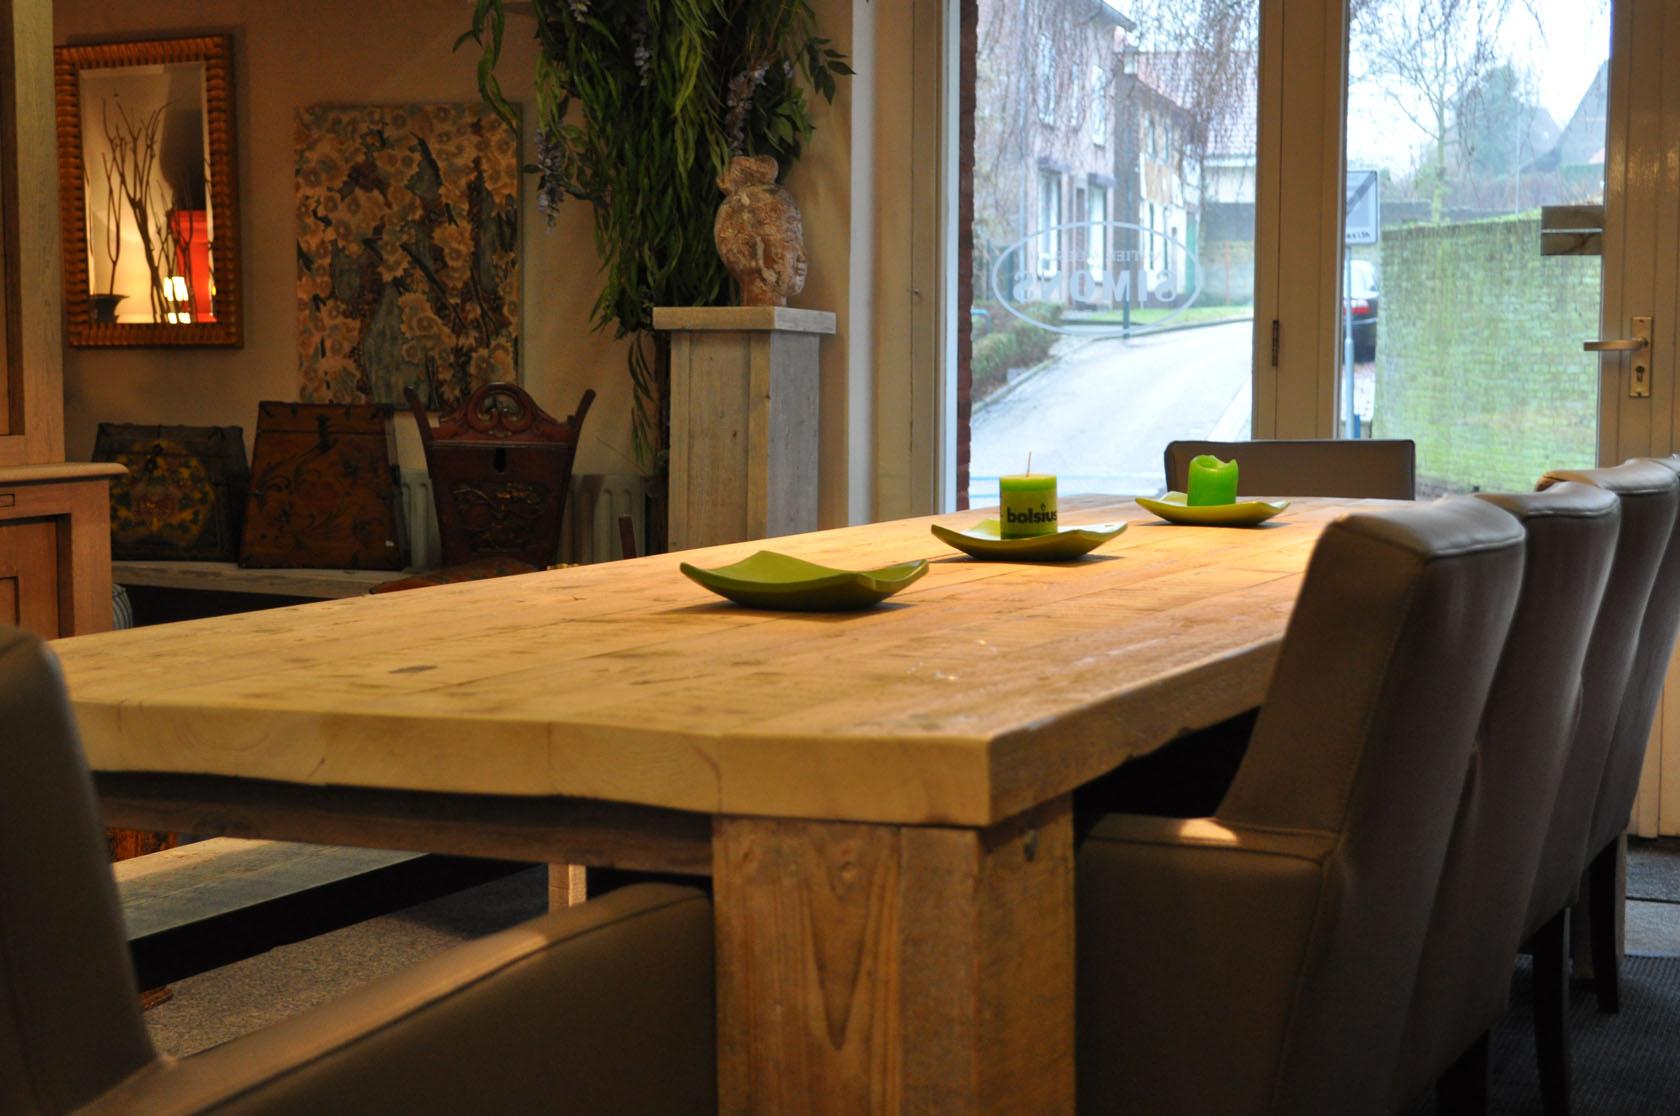 http://antiekendesignsimons.nl/wp-content/uploads/slide/2/steigerh-tafel.jpg